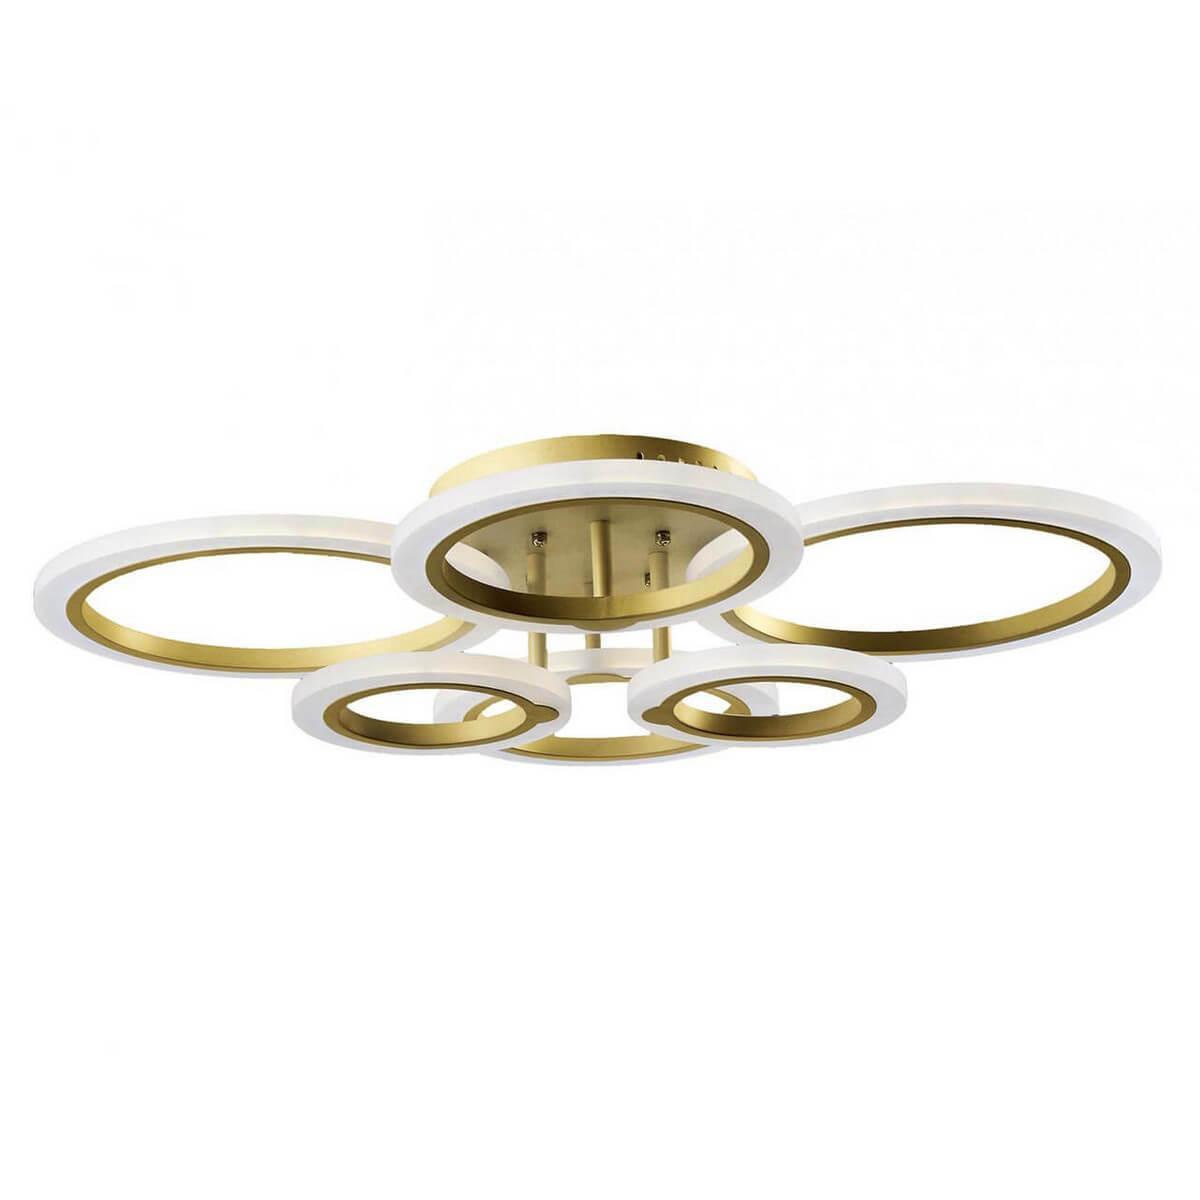 цены на Потолочный светильник Kink Light 07819,33(3000K), LED, 66 Вт  в интернет-магазинах